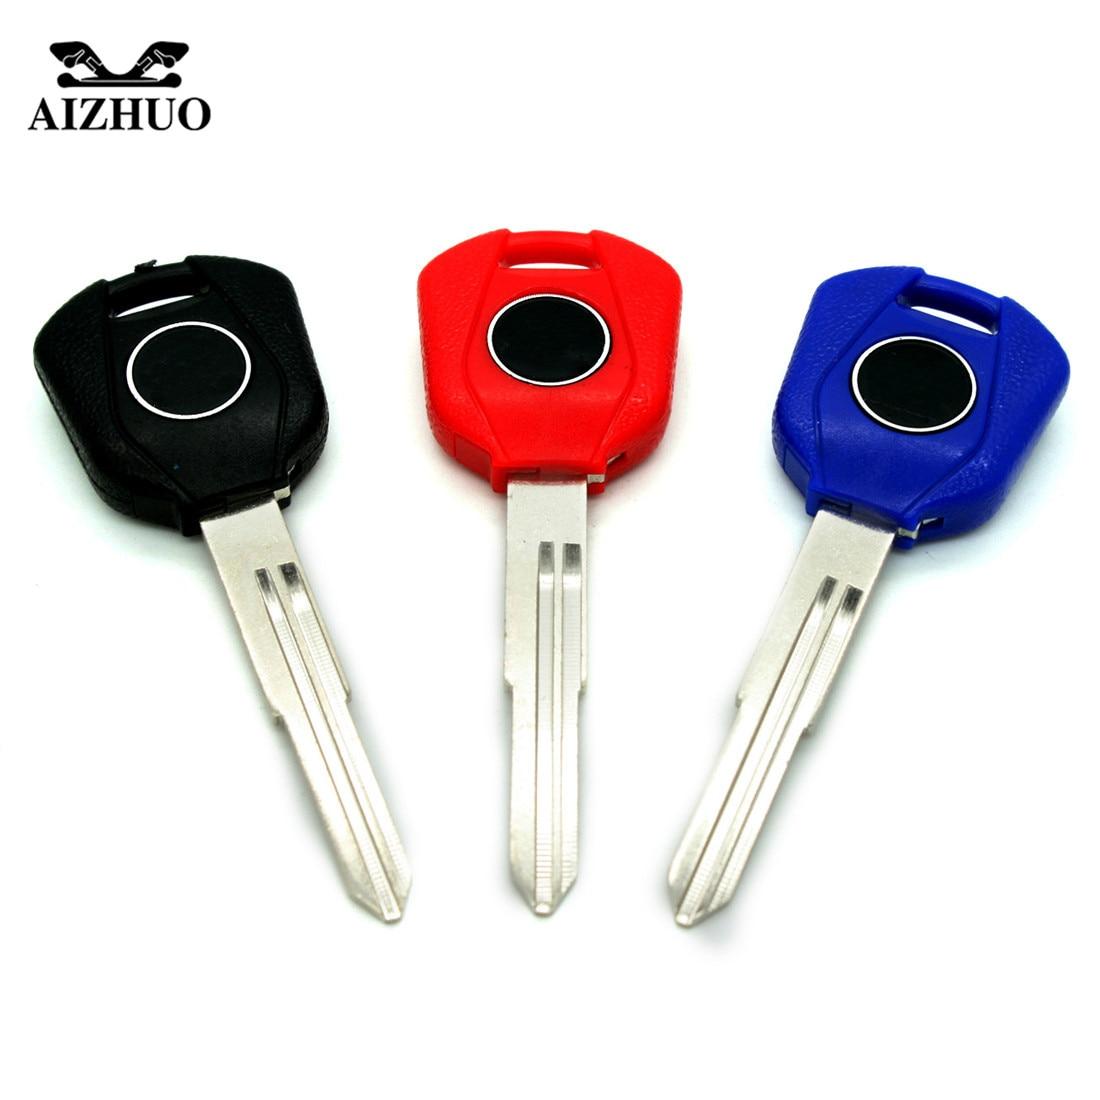 Motorcycle Keys Embryo Blank Key For HONDA CBR600RR CBR900RR CBR929RR CBR954RR CBR1000RR VTR1000 CBR RR Uncut Blade Keys Chip